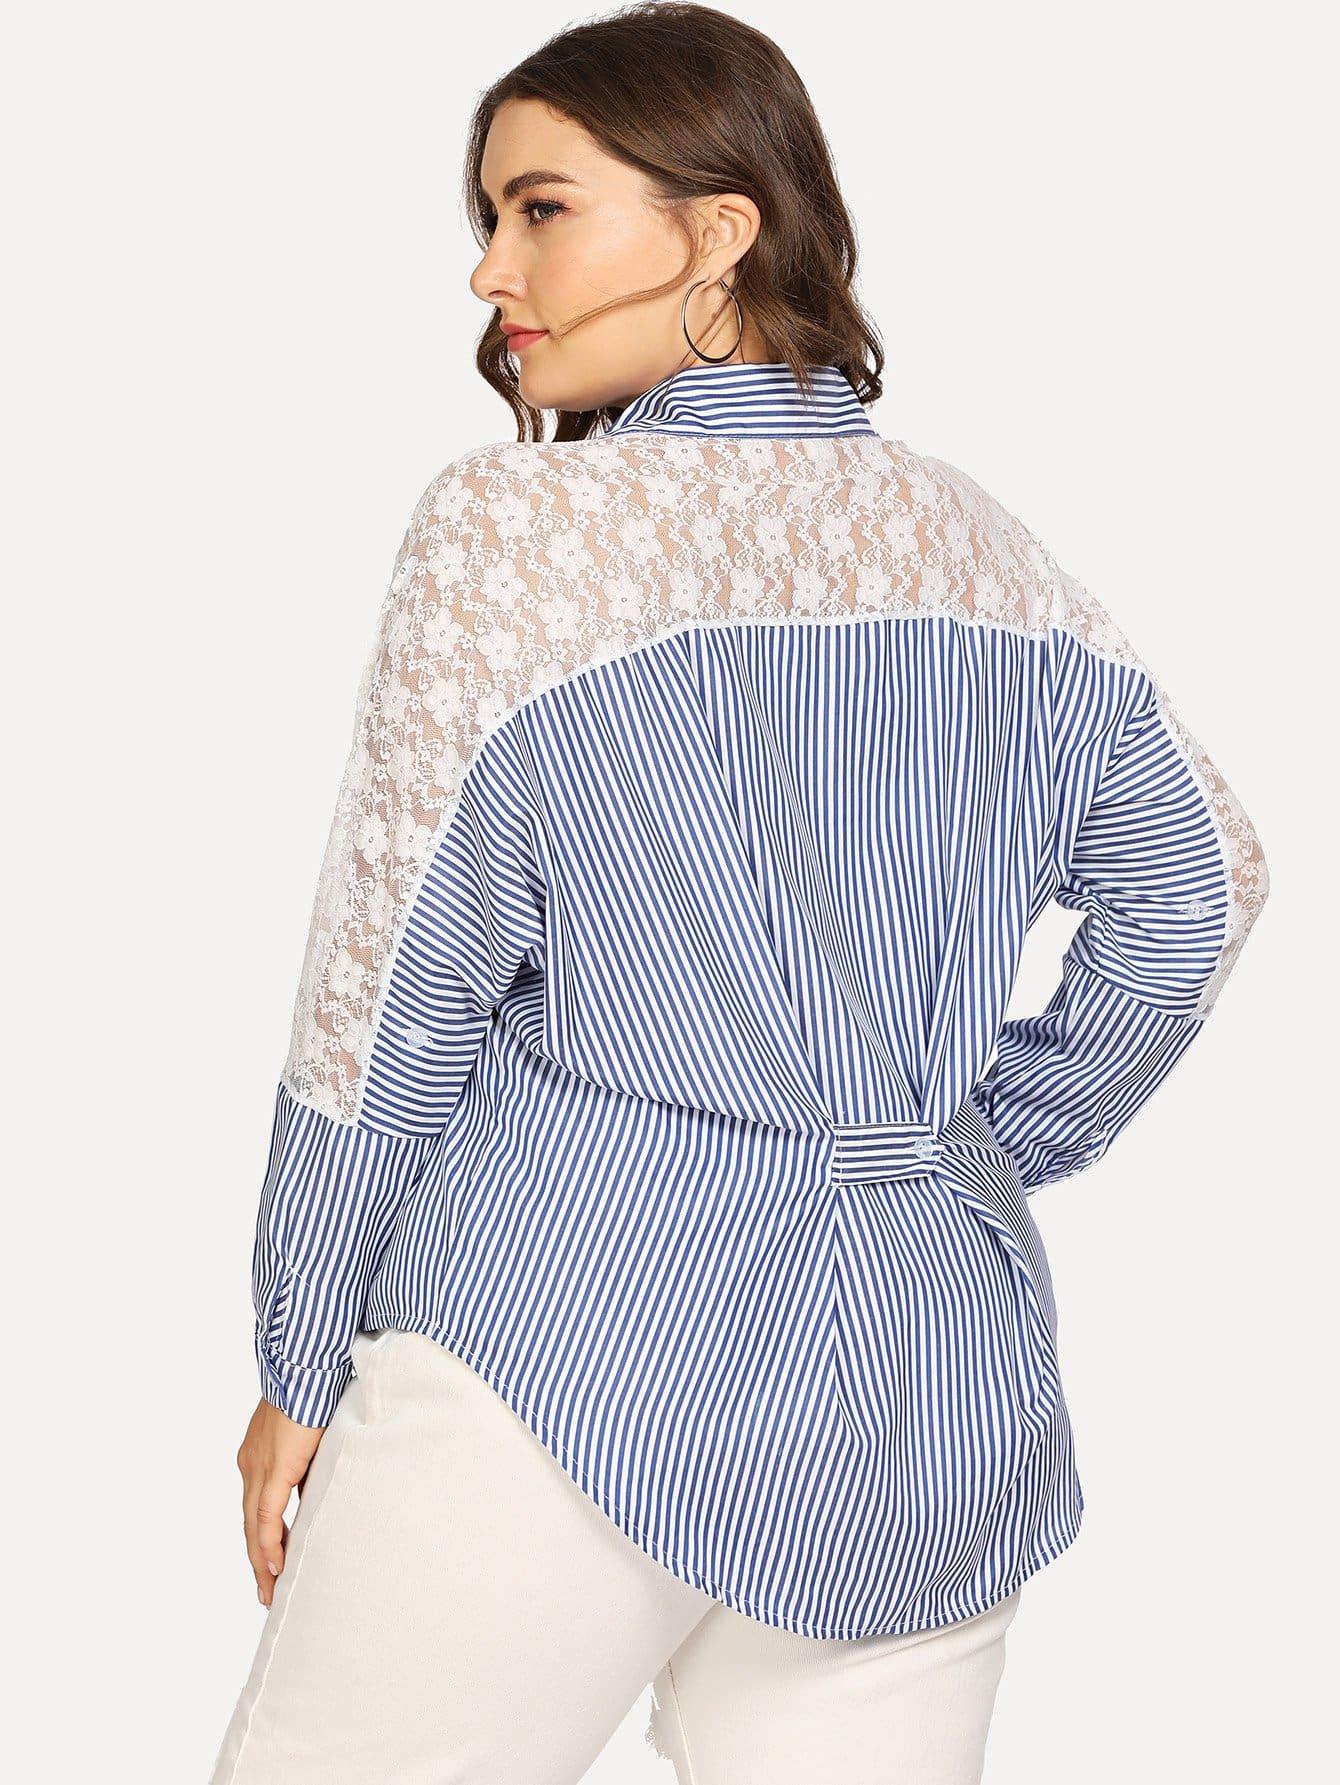 Купить Большая полосатая рубашка и со симметрическими кружевами, Franziska, SheIn